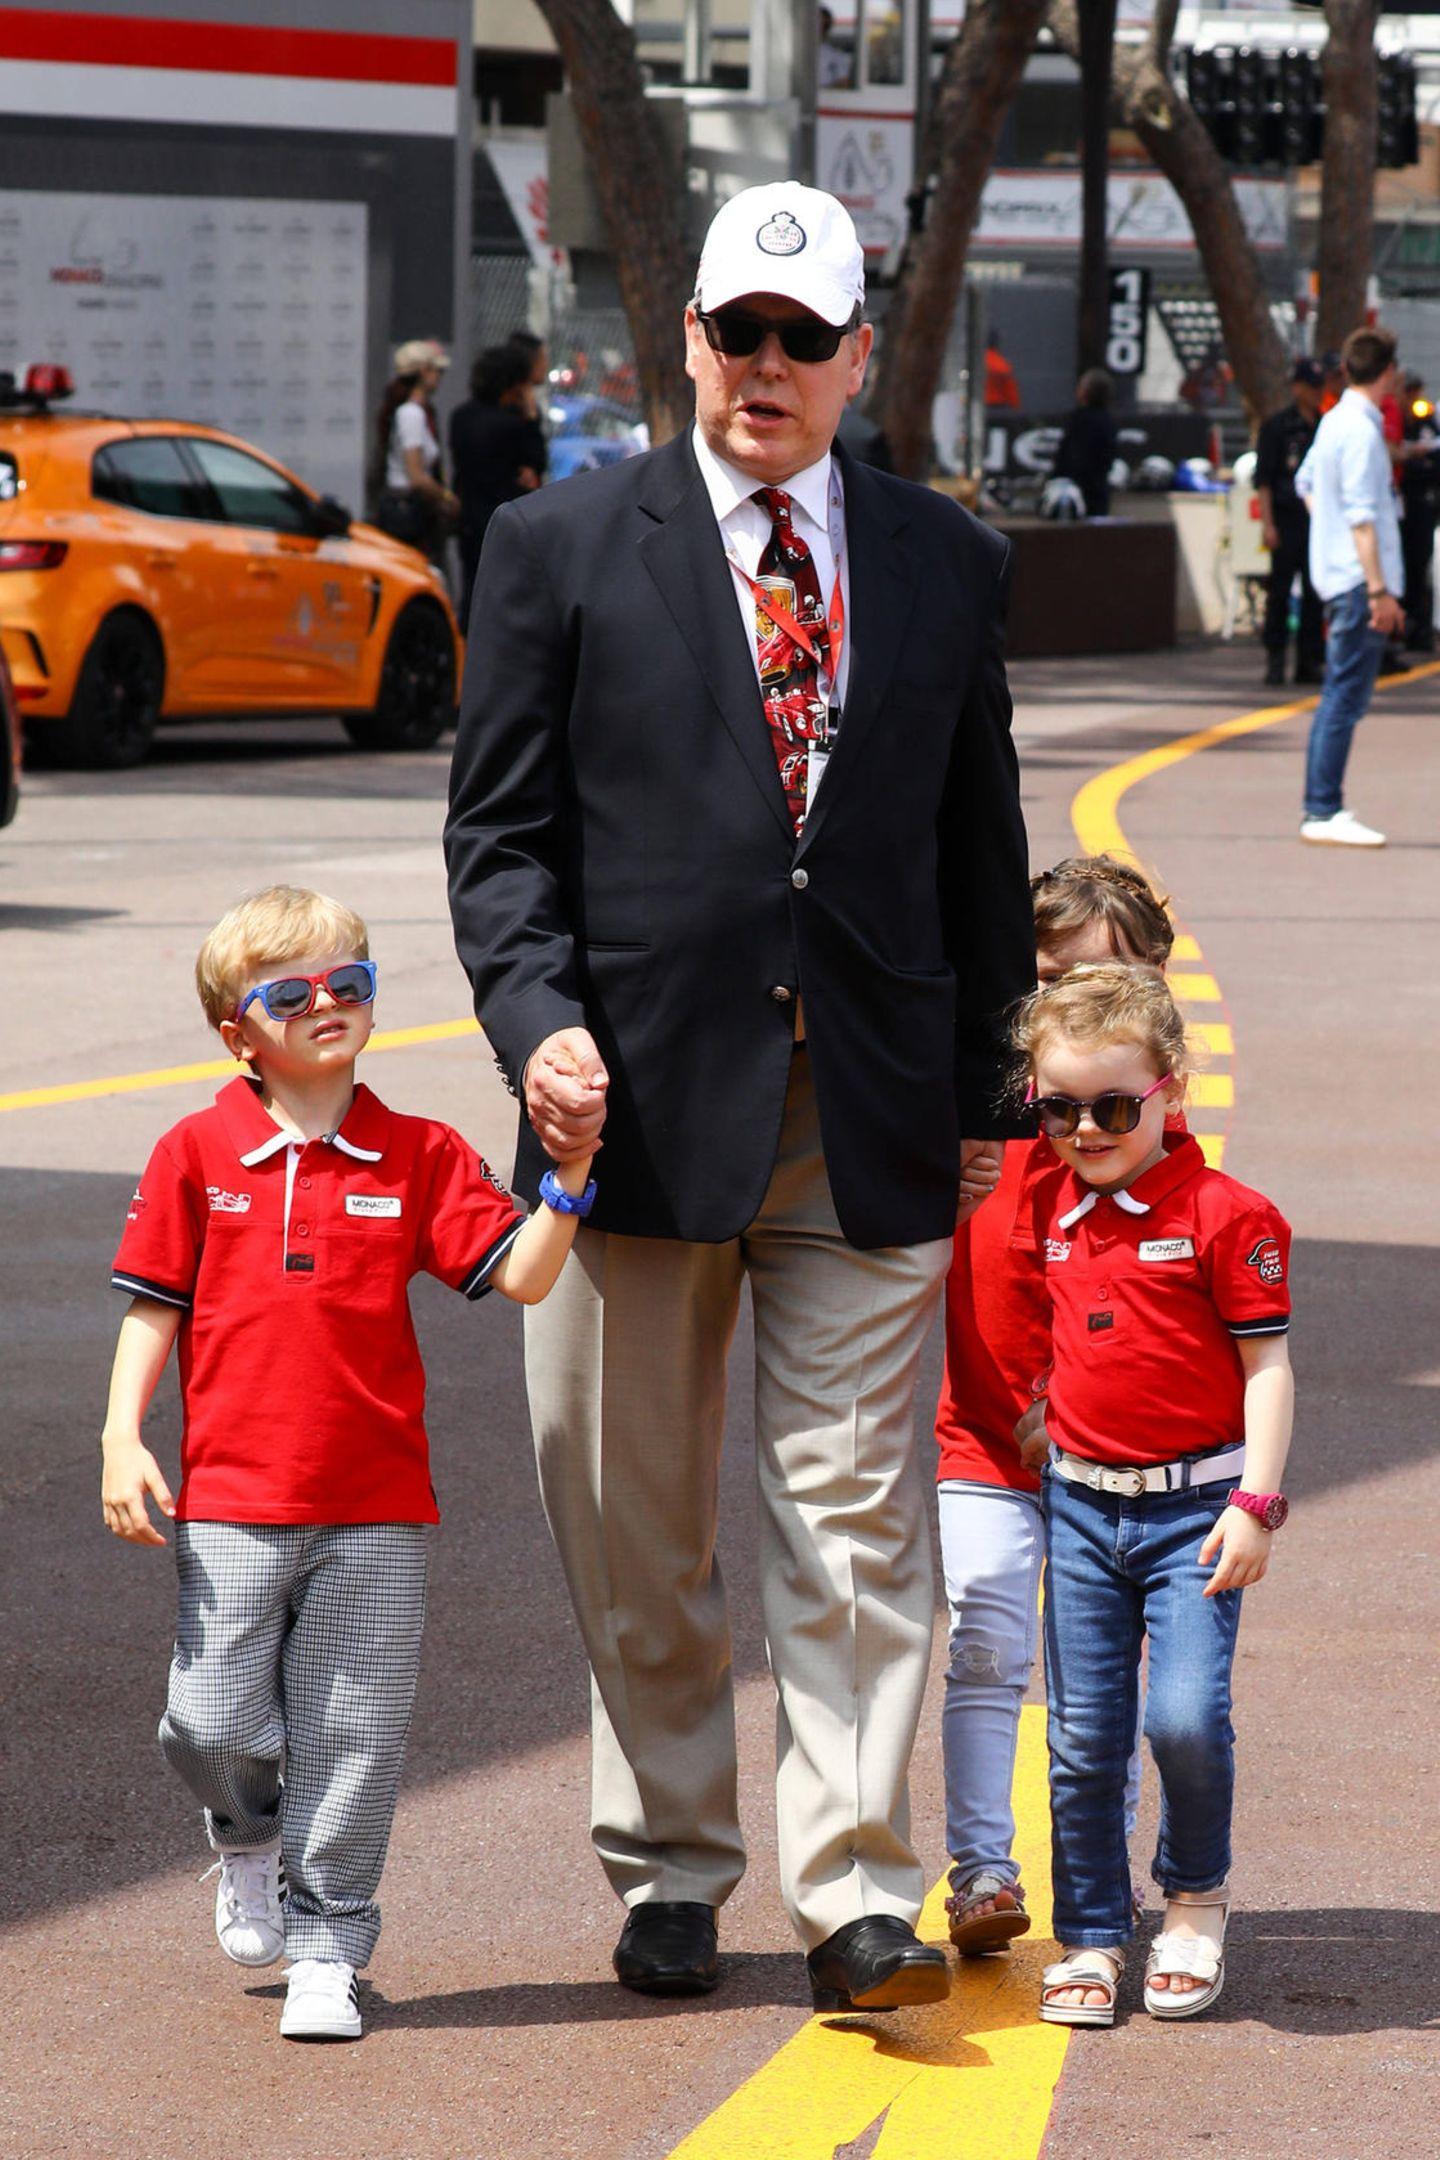 Beim Großen Preis von Monaco 2019 sind PrinzJacques und Prinzessin Gabriella mit ihrem Vater Albert in der Boxengasse unterwegs. Dem Anlass entsprechend sind sie in ihre roten Formel-1-Shirts geschlüpft.